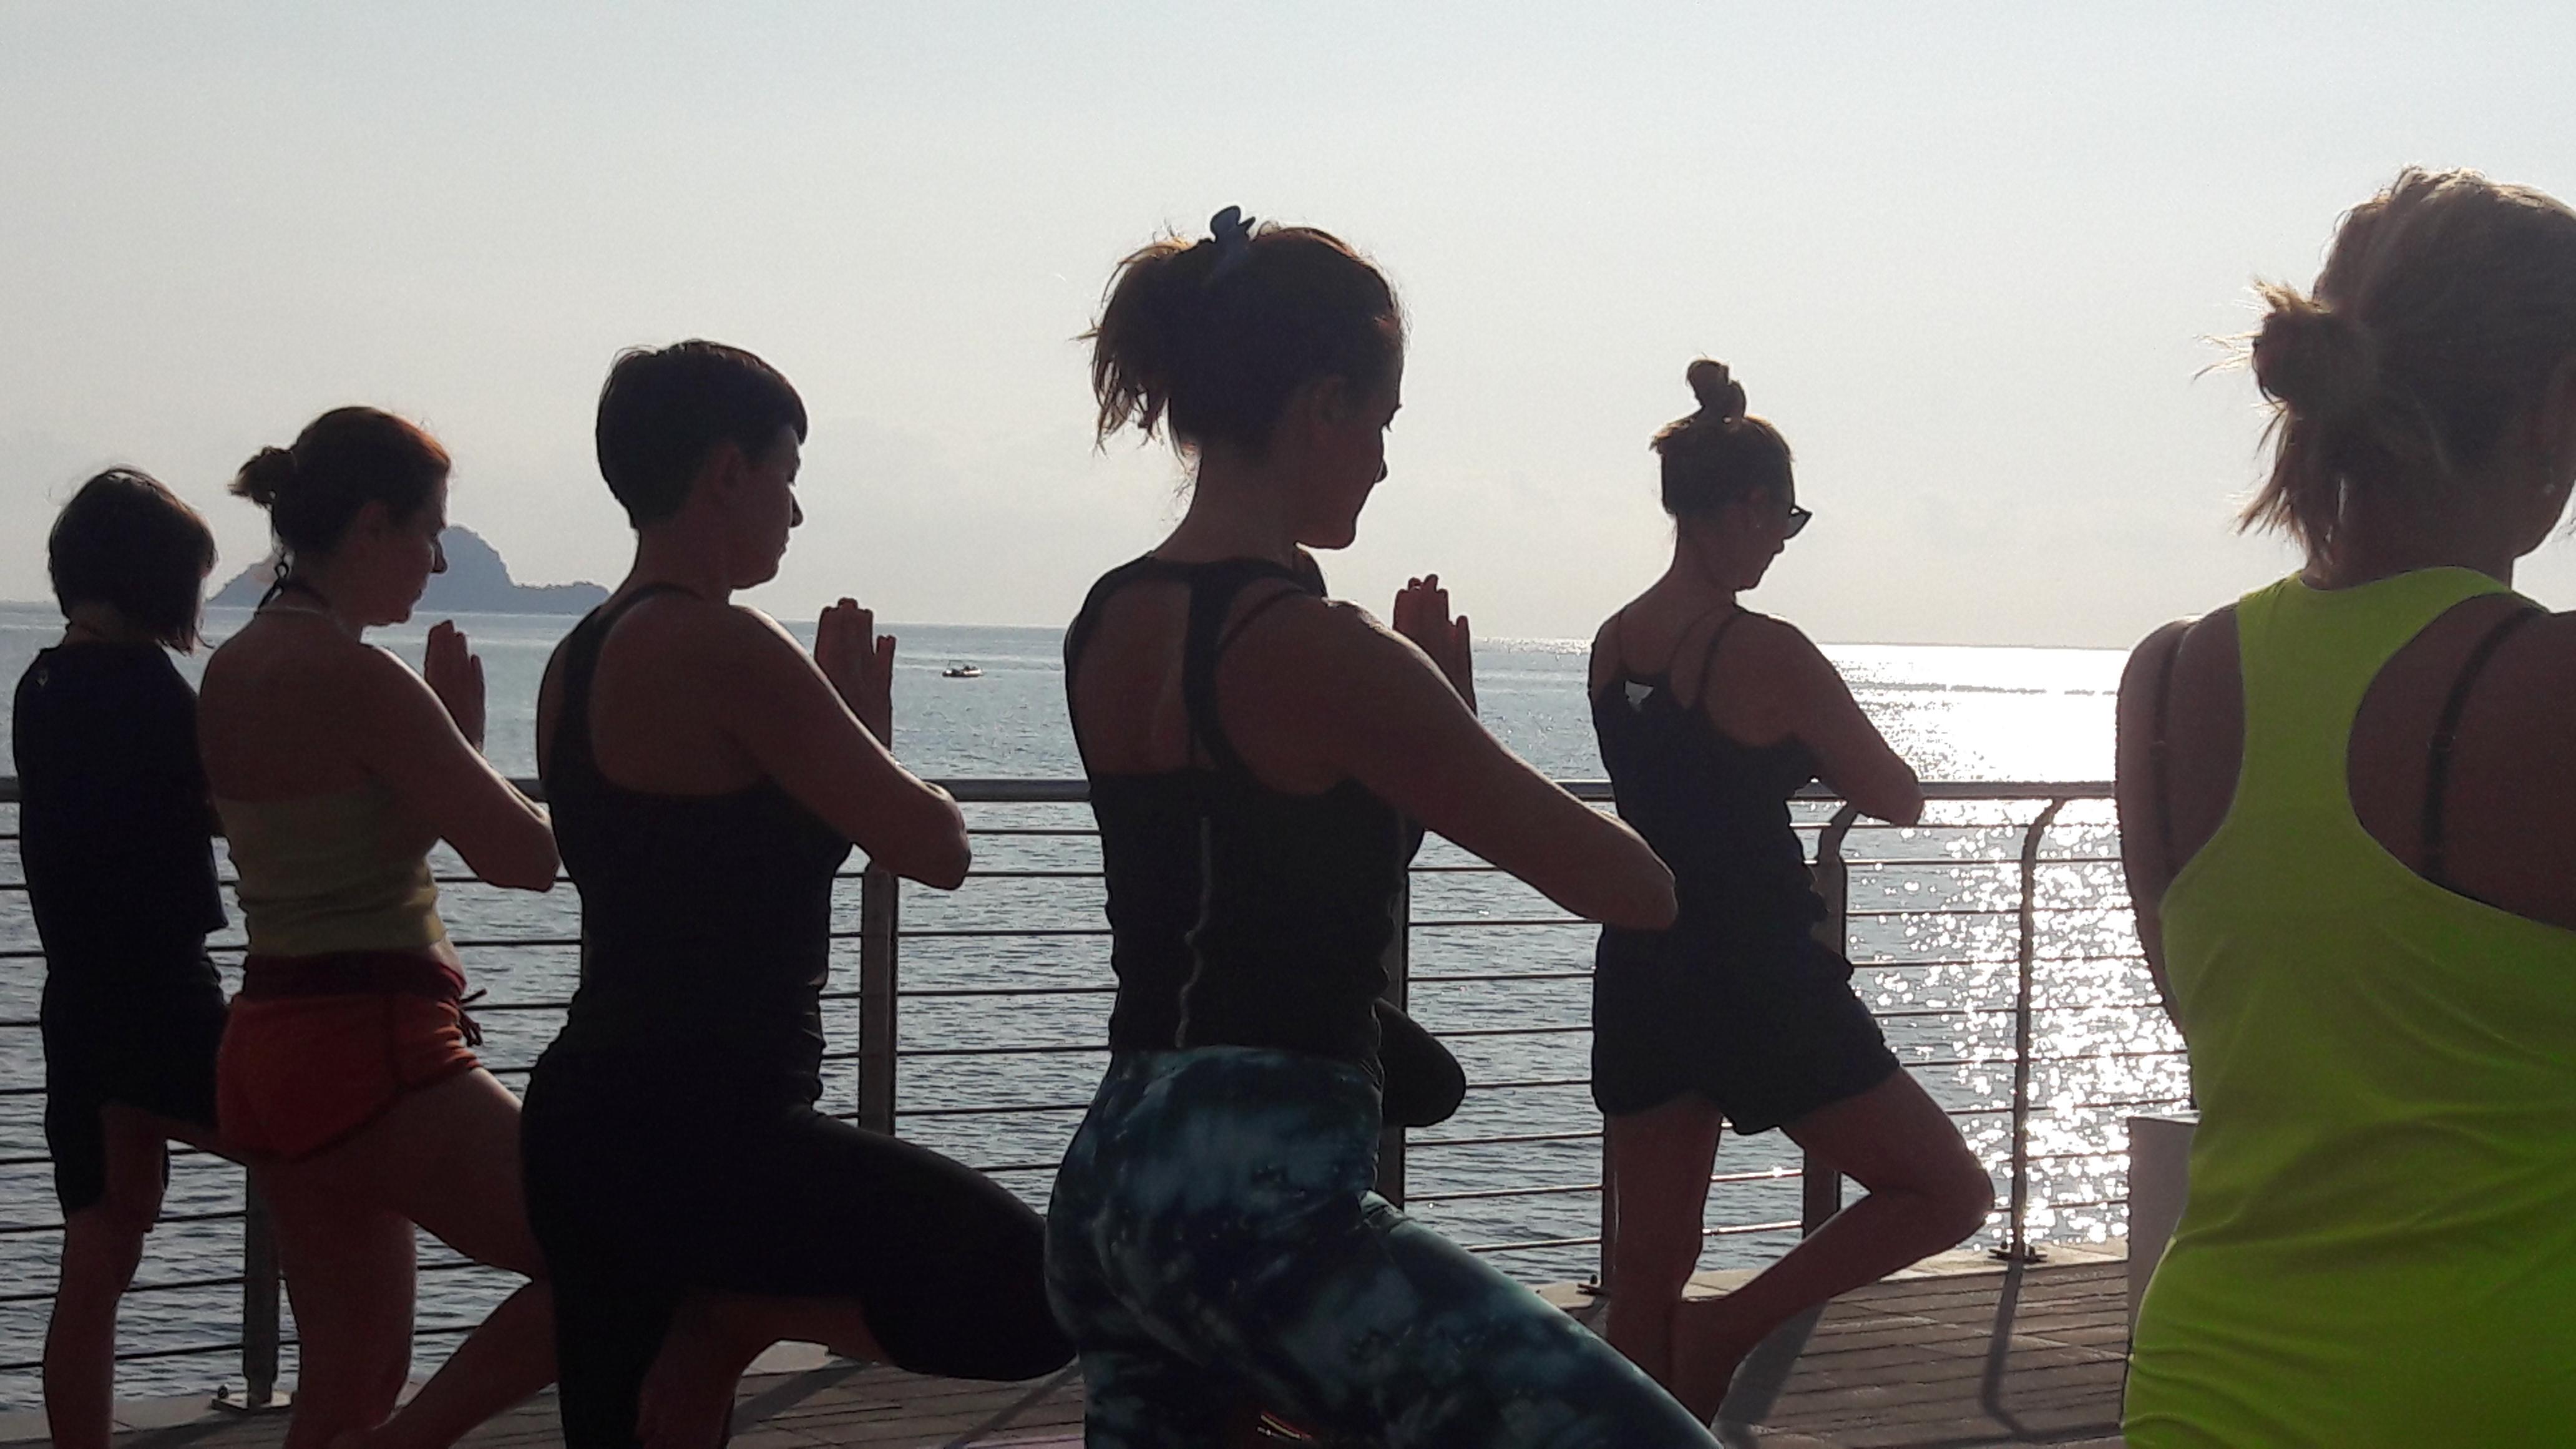 1_essere-free-yoga-gratuito-benessere-per-tutti-village-citta-alassio-estate-lucia-ragazzi-summer-town-wellness-051